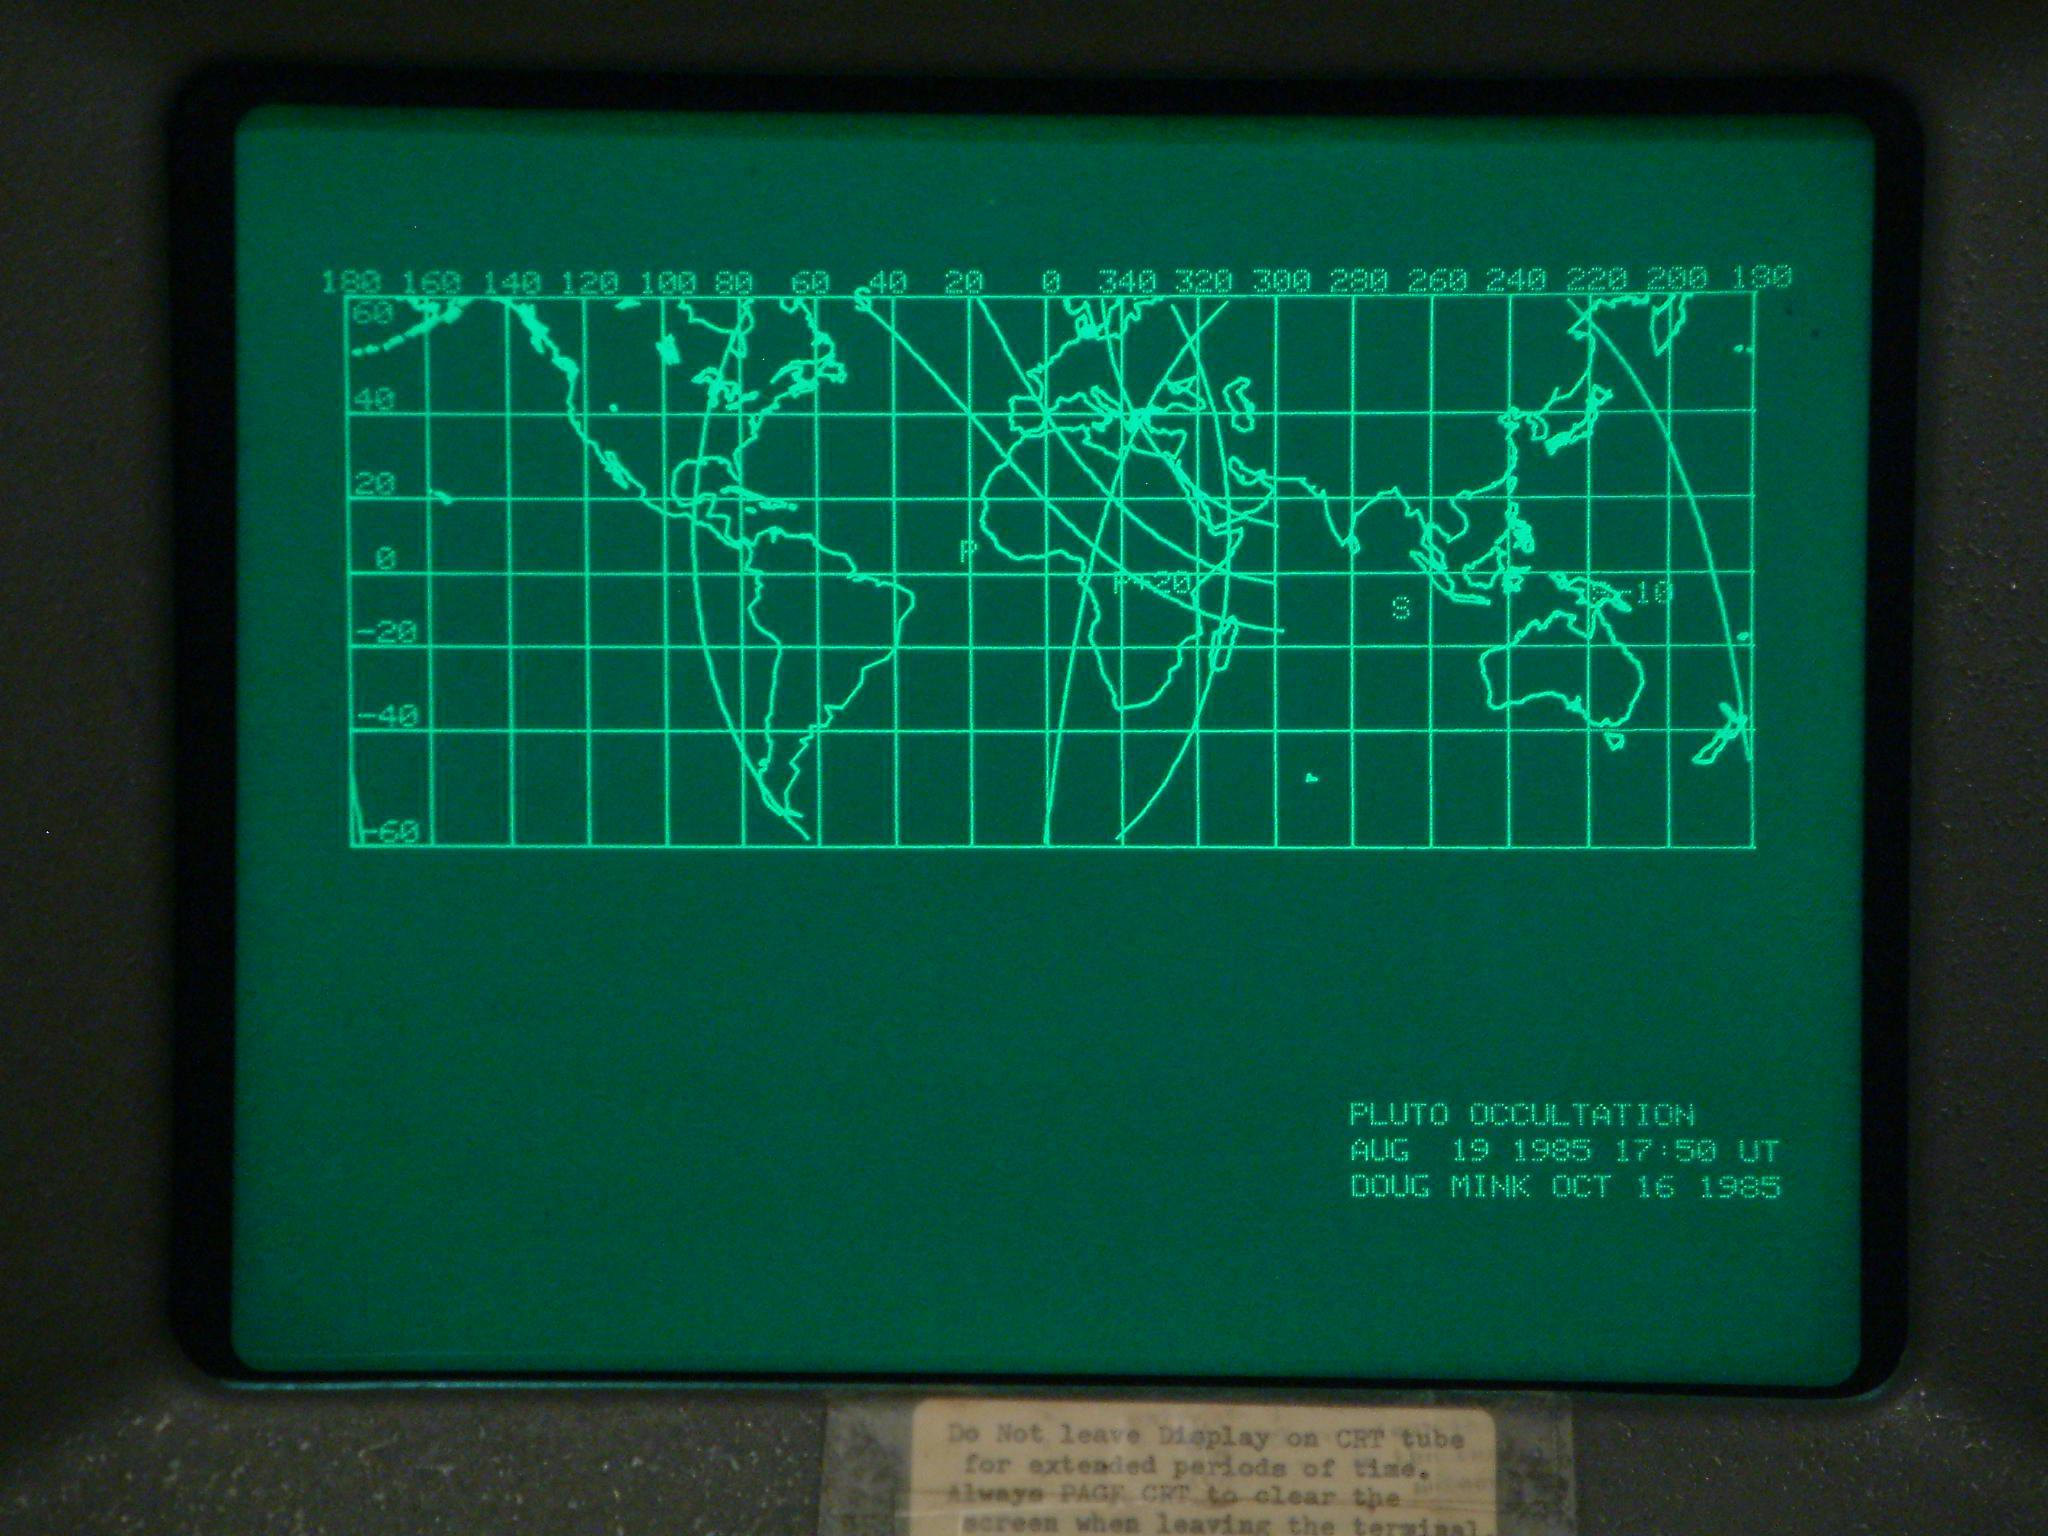 Tektronix 4010 screen